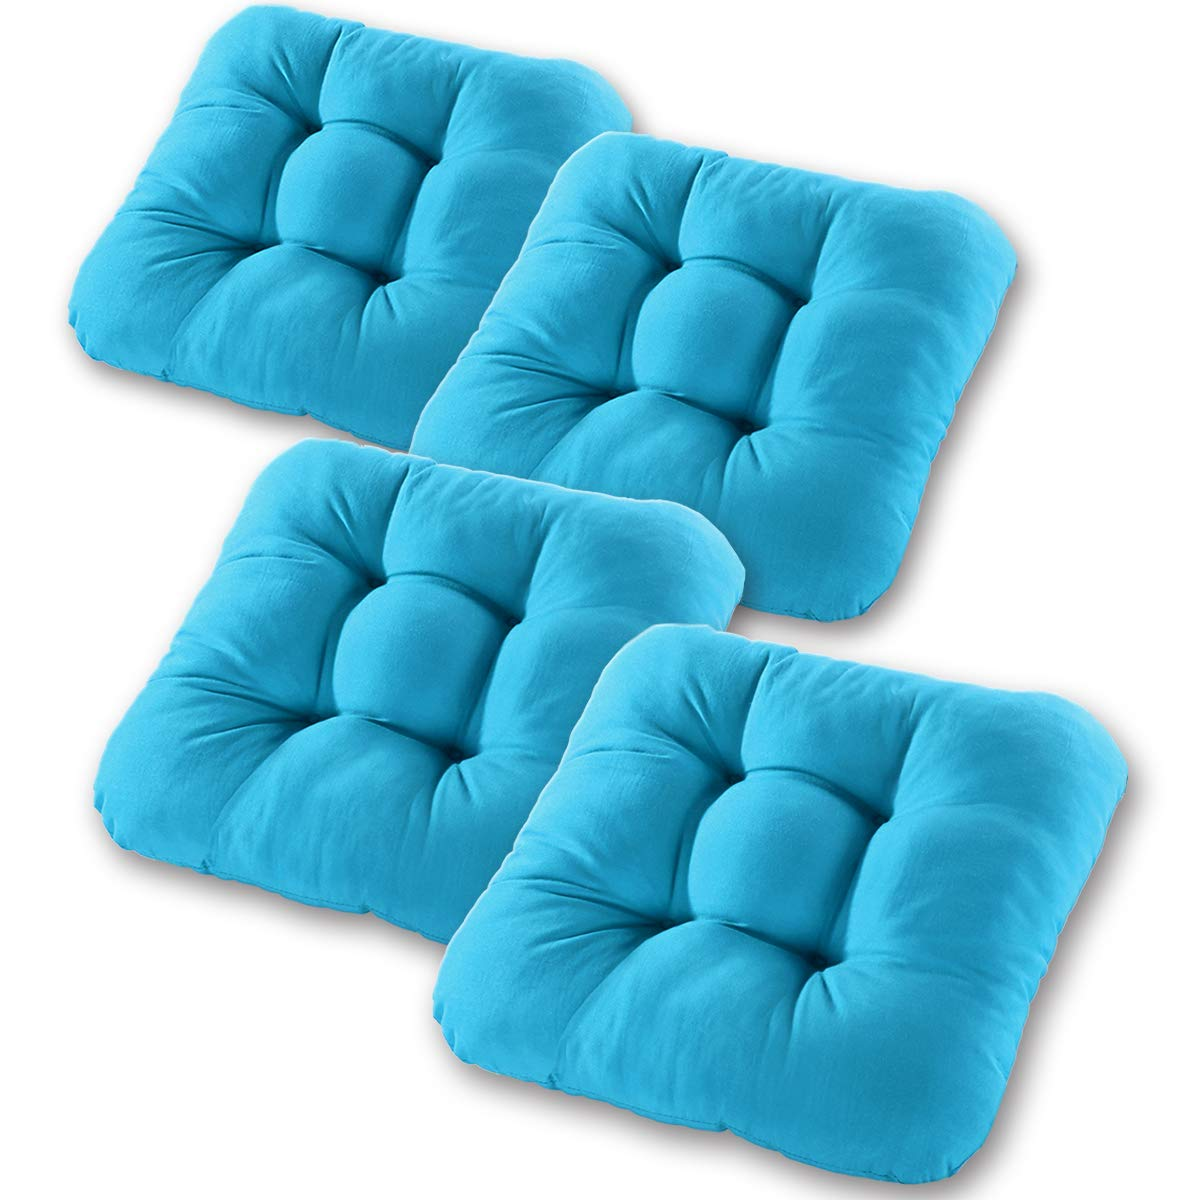 Cuscini per Sedie Set di 4 Cuscini Imbottiti per Sedie di Forma Rotonda per Cucina di Casa Sedie per Ufficio o Auto Cuscini In velluto a Coste di Cotone